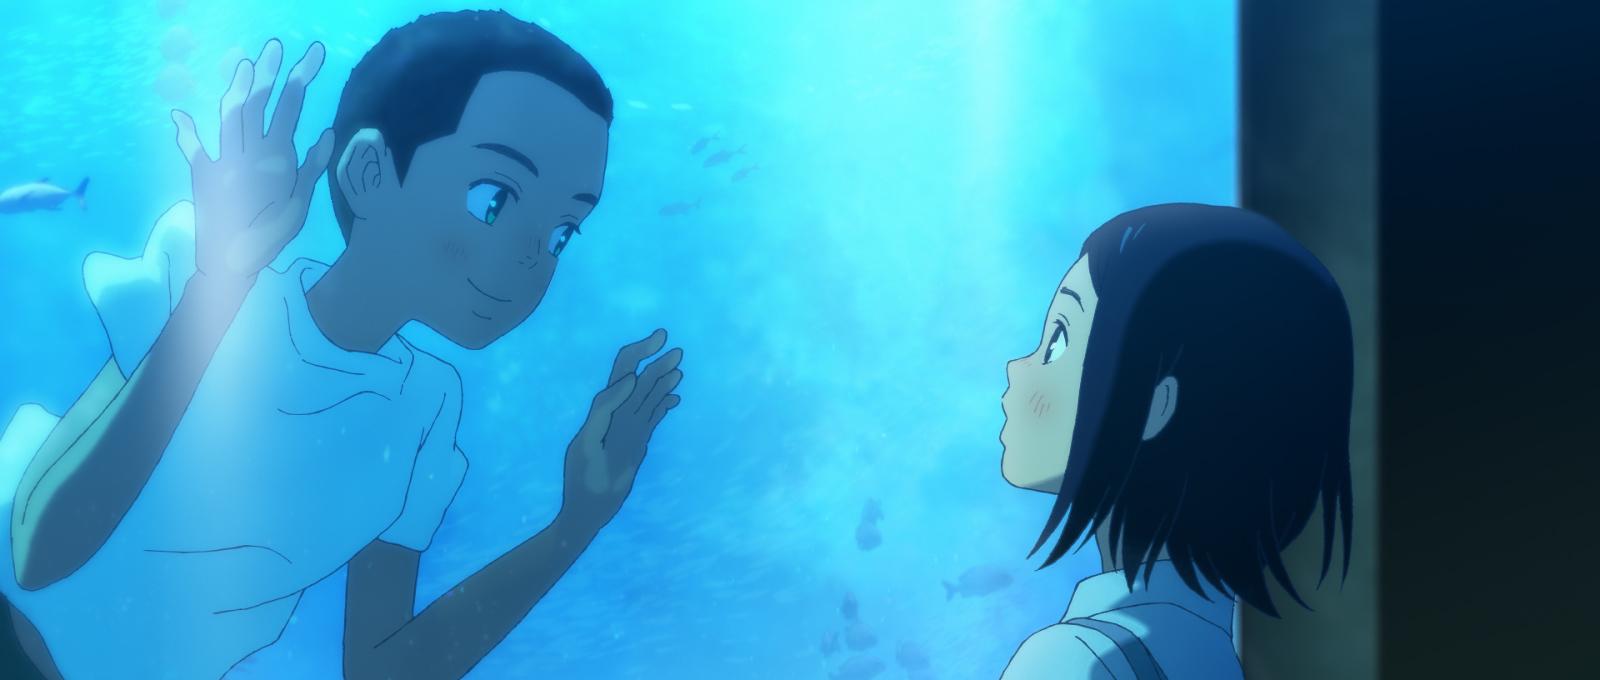 Ayumu Watanaben animaatioelokuva on esteettisesti vaikuttava kuvaus ihmisenä kasvamisesta